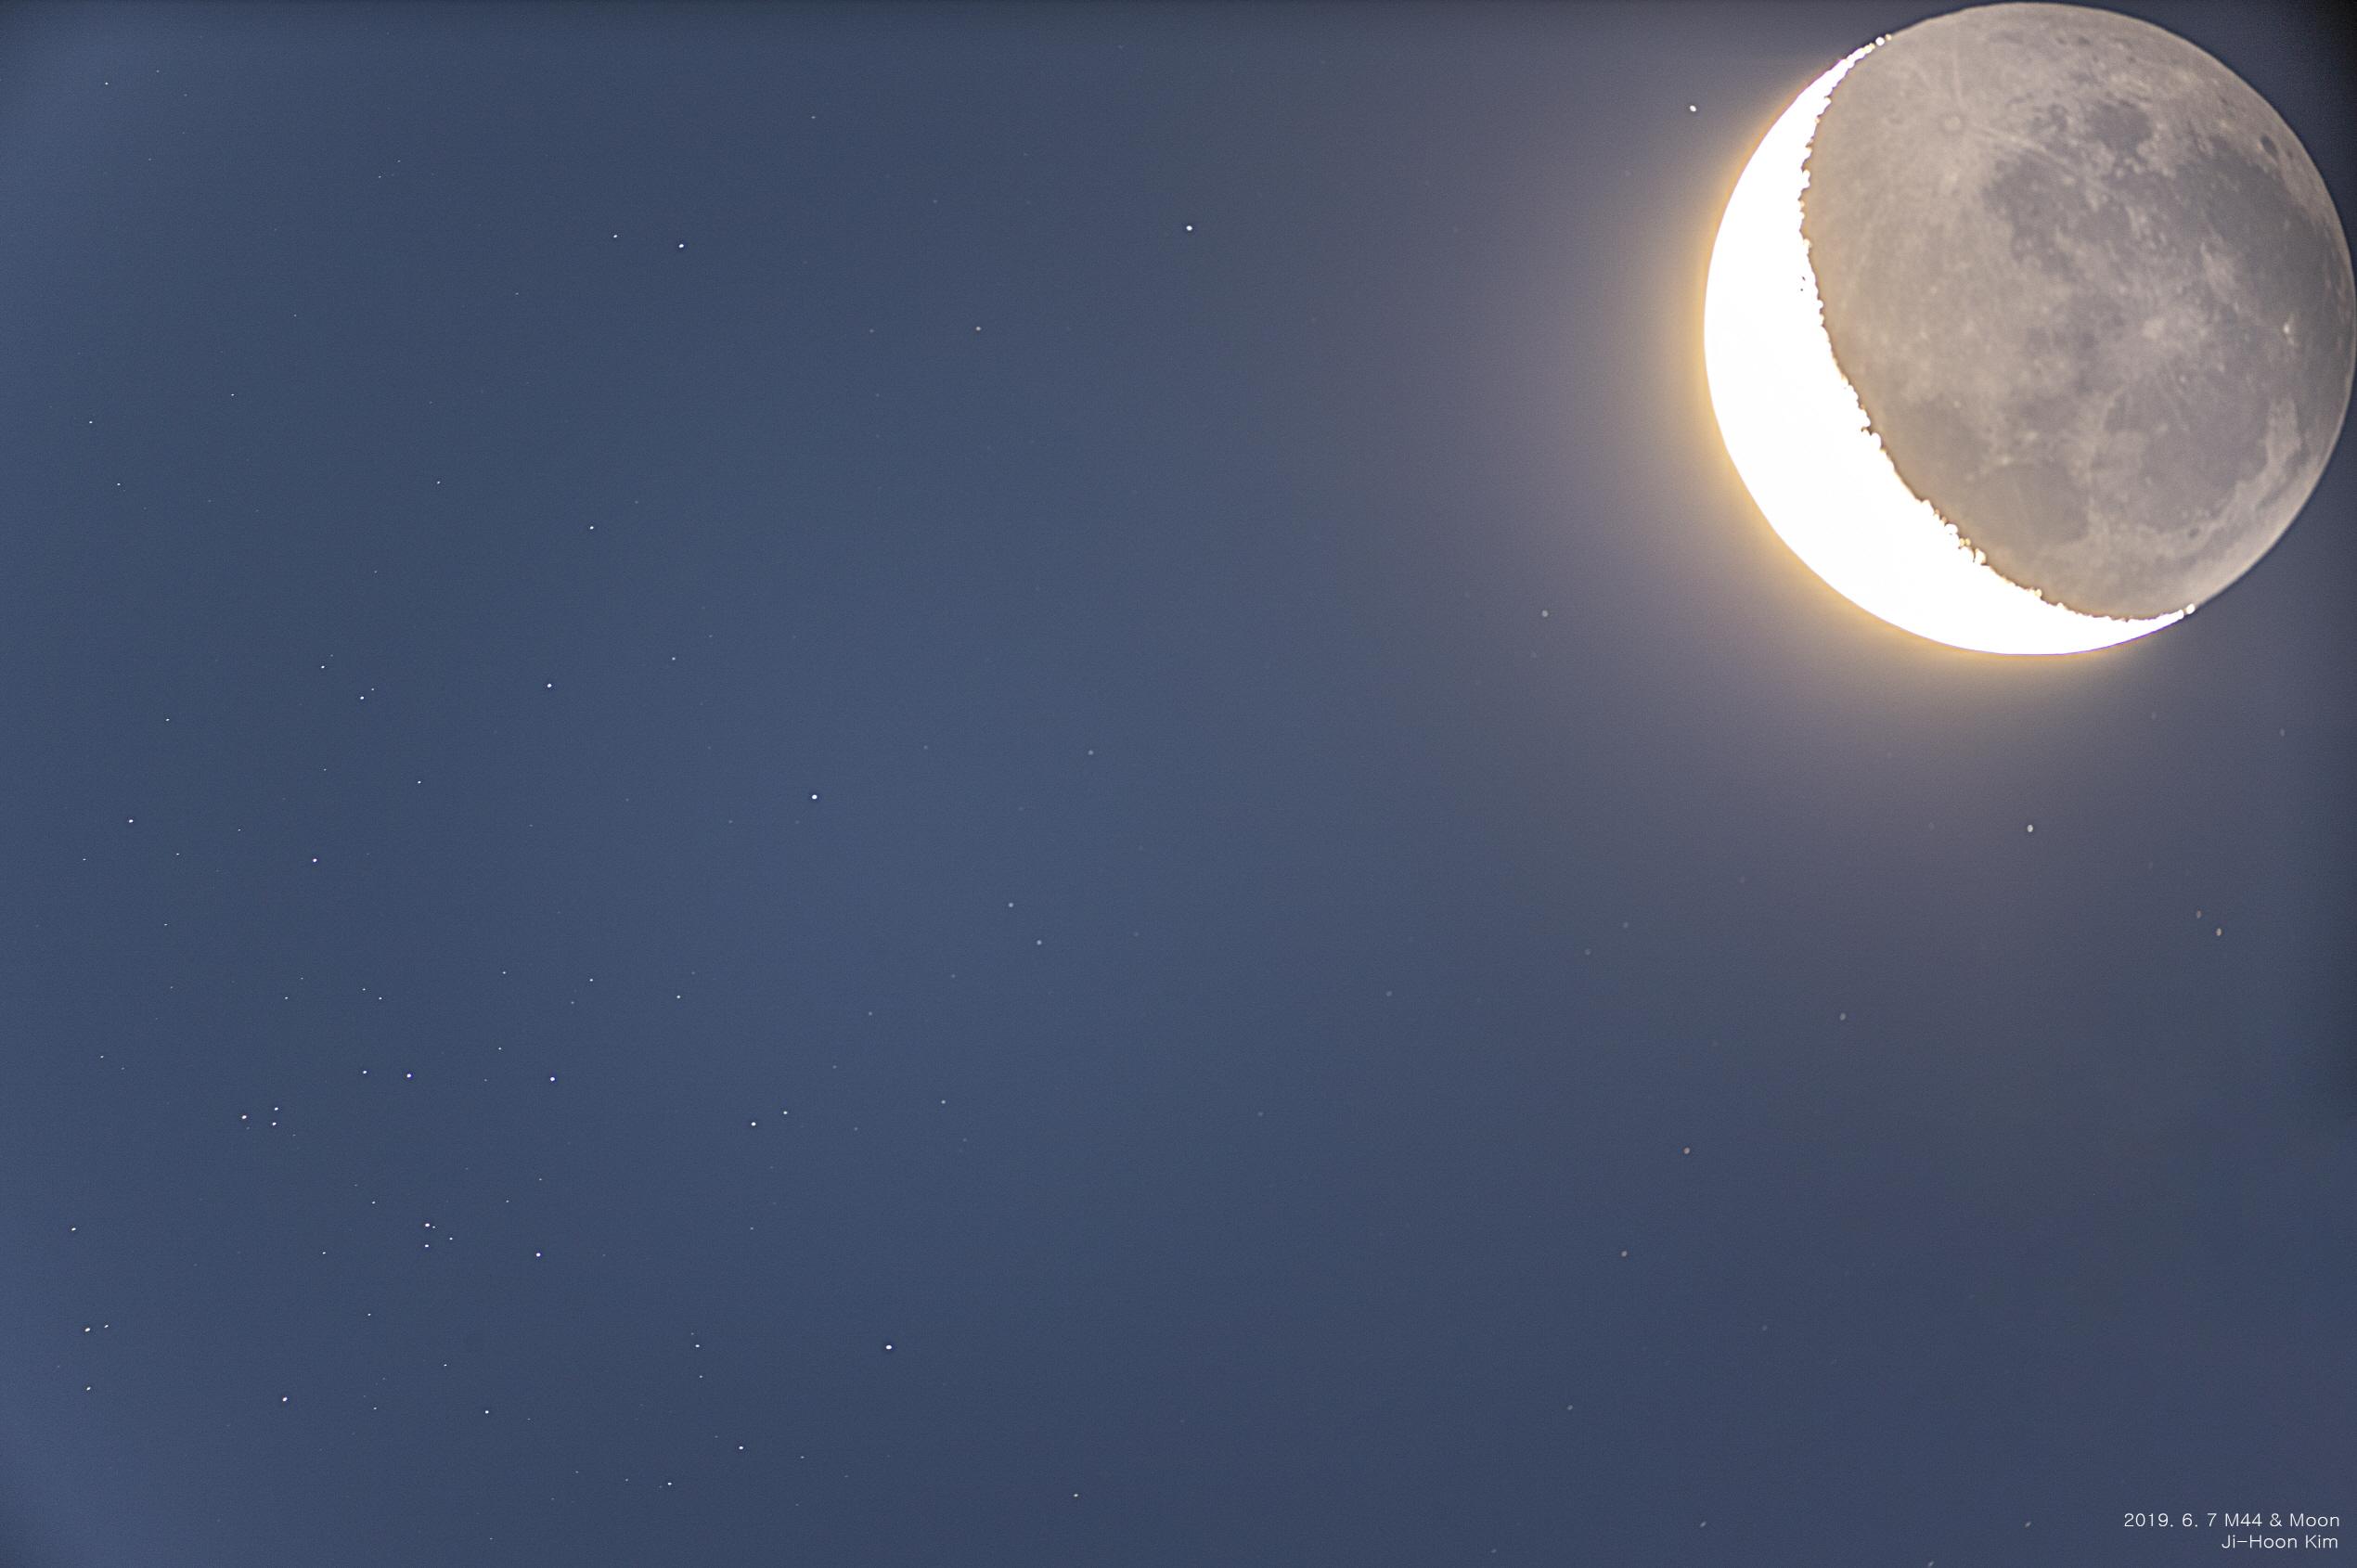 [크기변환]2019. 6. 7 Moon & M44 .jpg - 망원경버전.jpg - 이름.jpg